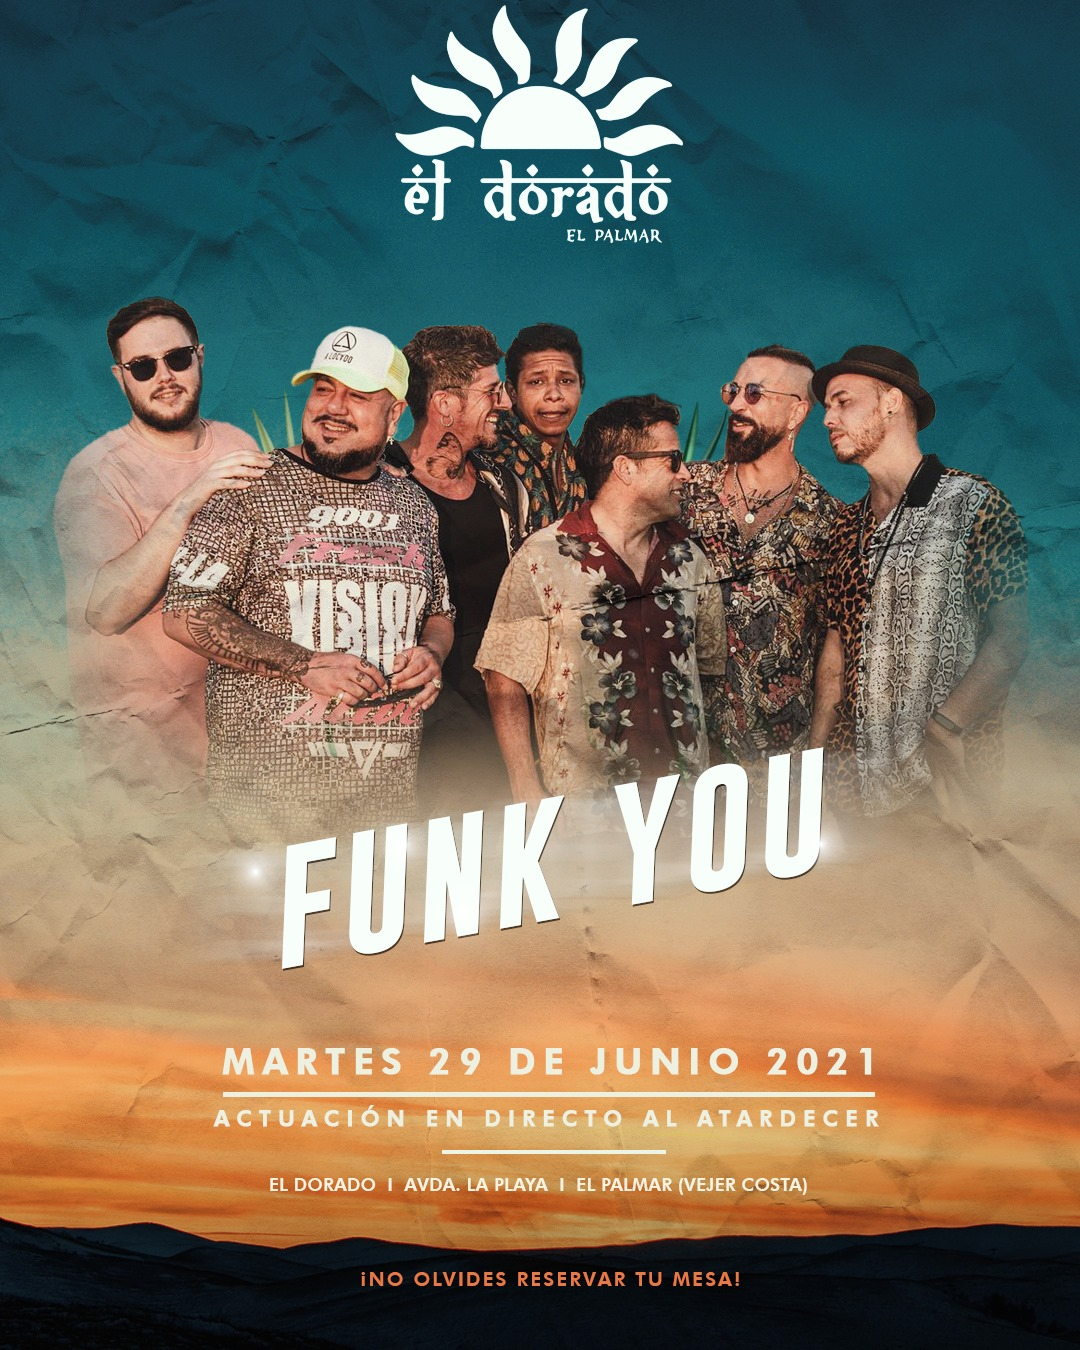 Actuación de Funk You en El Dorado El Palmar